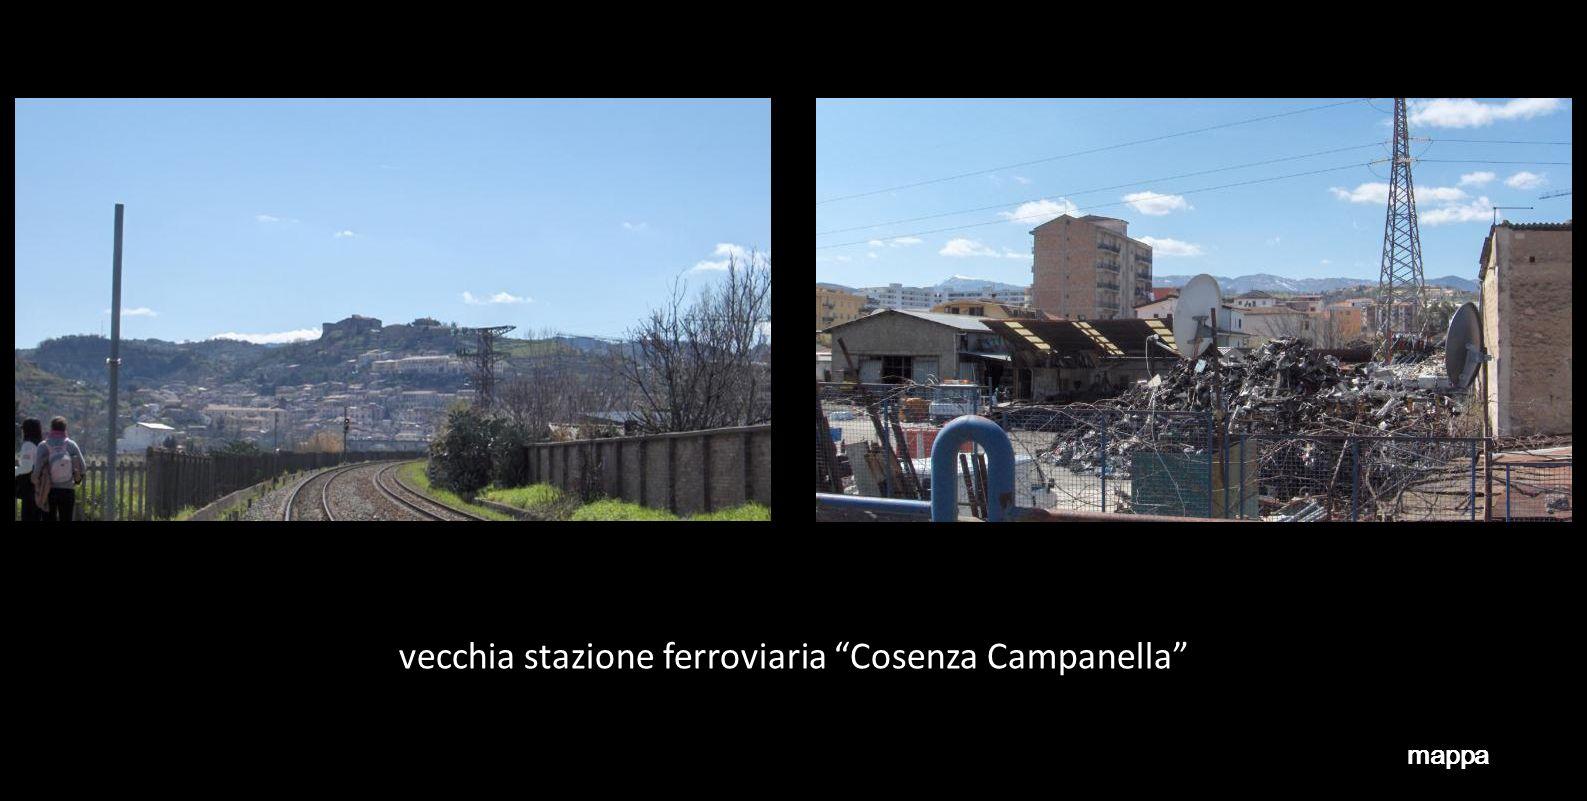 vecchia stazione ferroviaria Cosenza Campanella